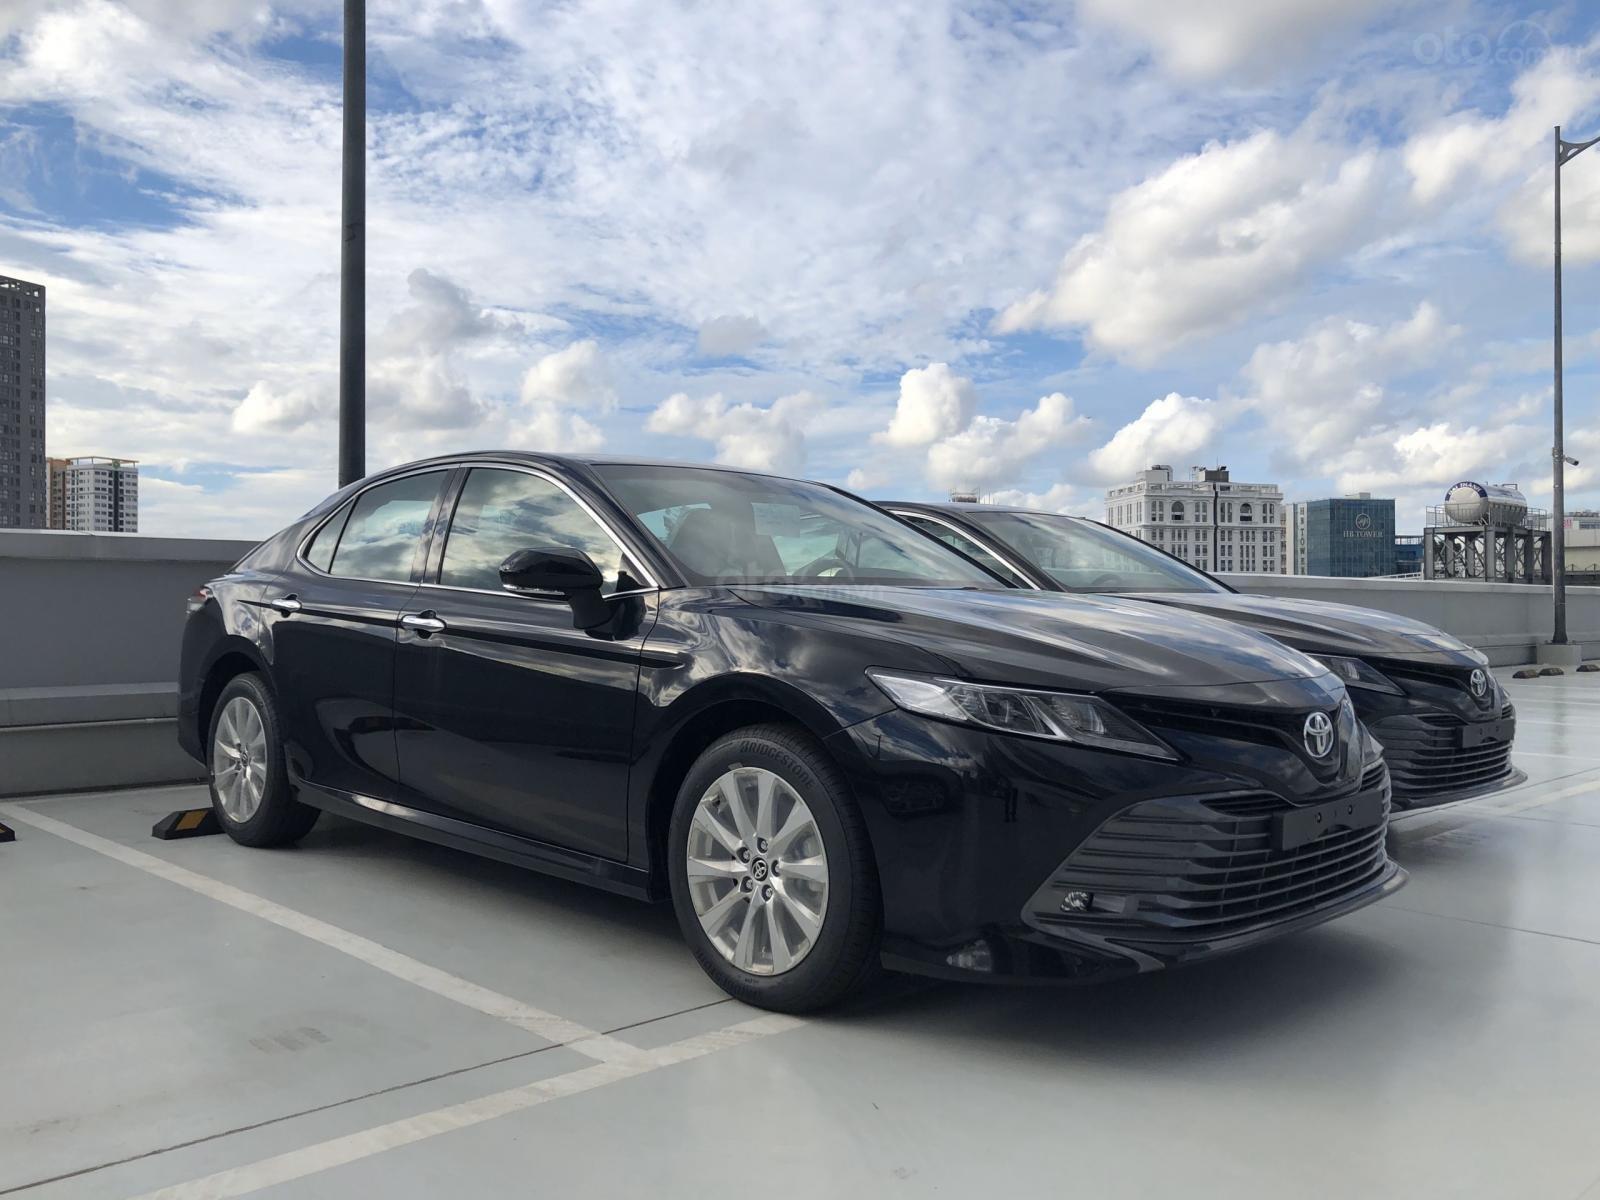 Toyota Camry 2020 nhập Thái Lan, chỉ 350tr nhận xe, giao xe ngay, giá tốt (1)